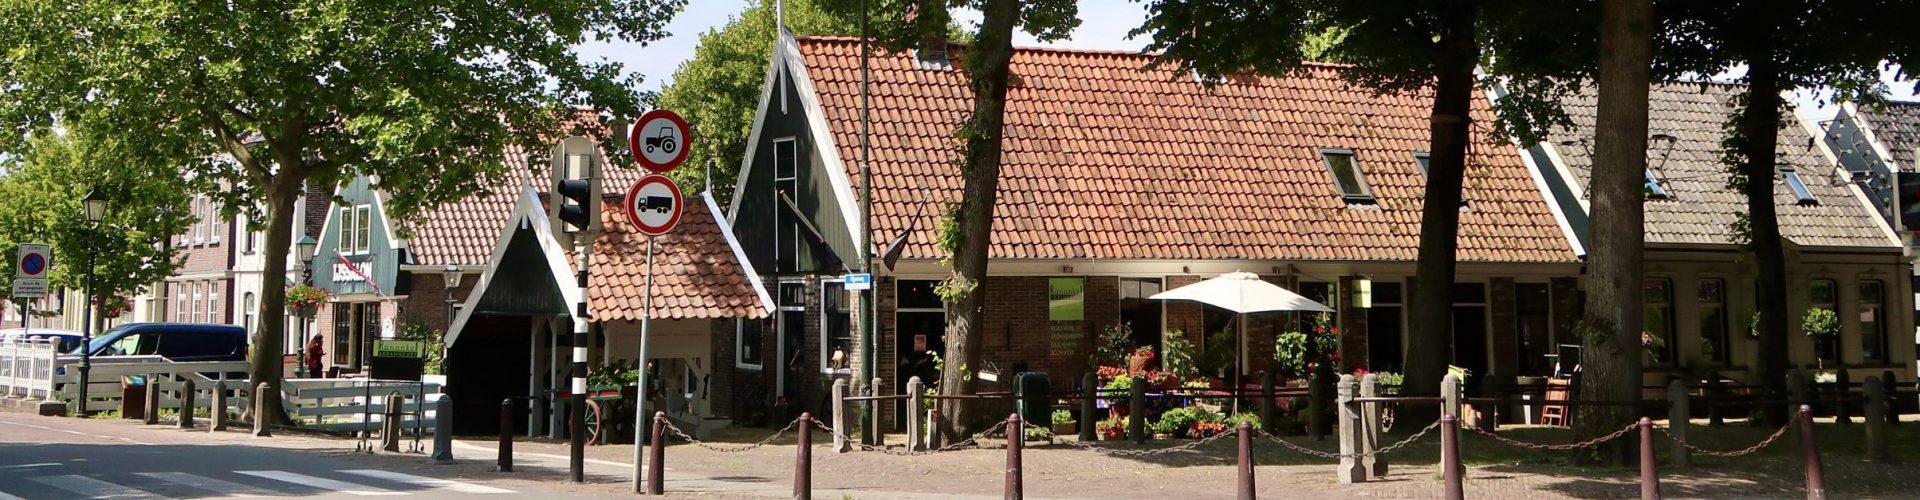 Centrum Middenbeemster met travaille en oude smidse